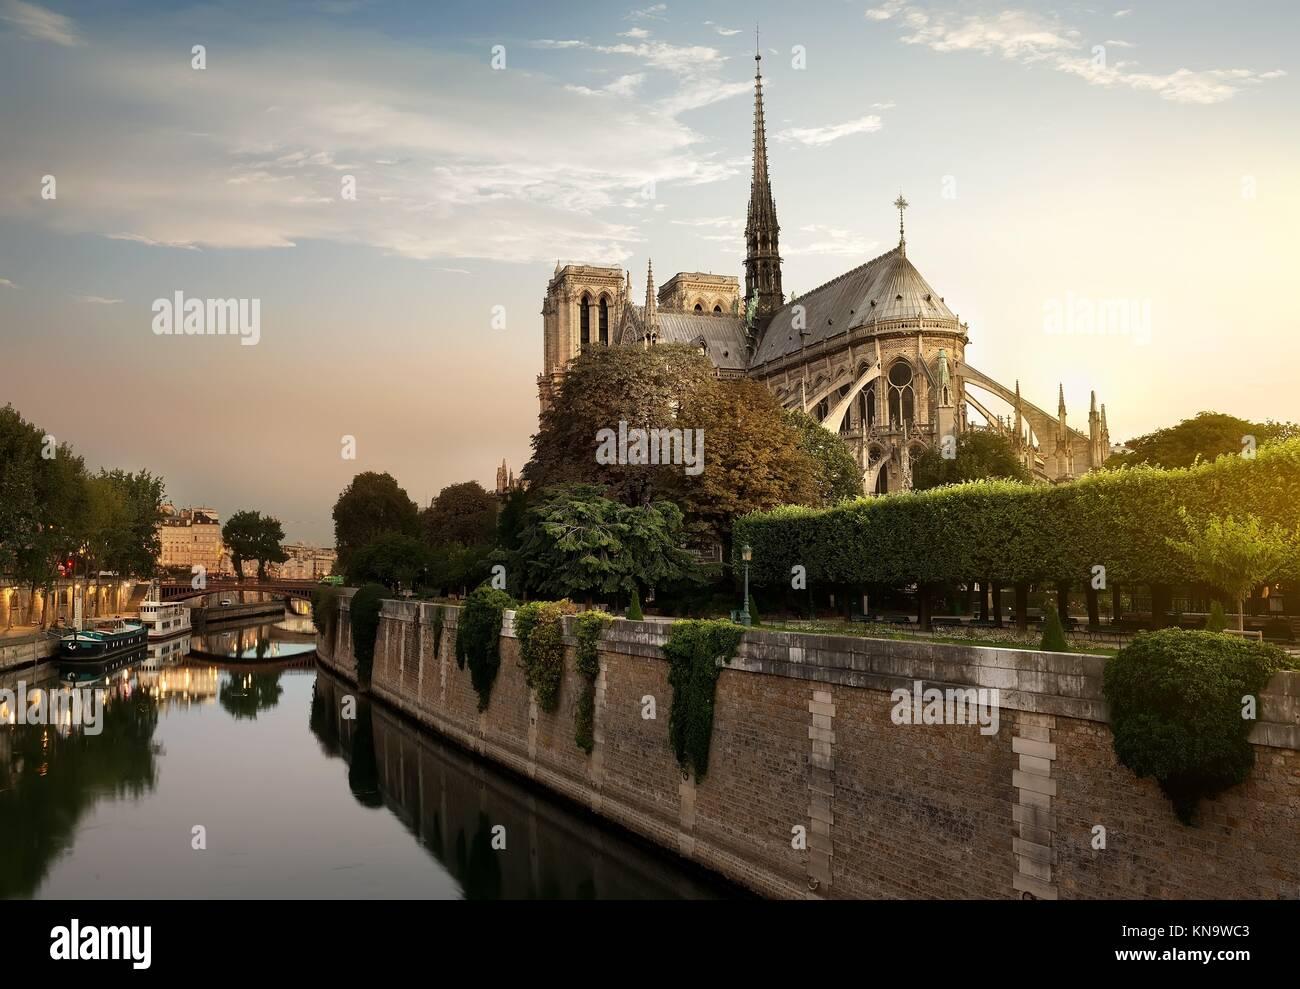 Coucher de soleil sur Notre Dame de Paris, France. Photo Stock